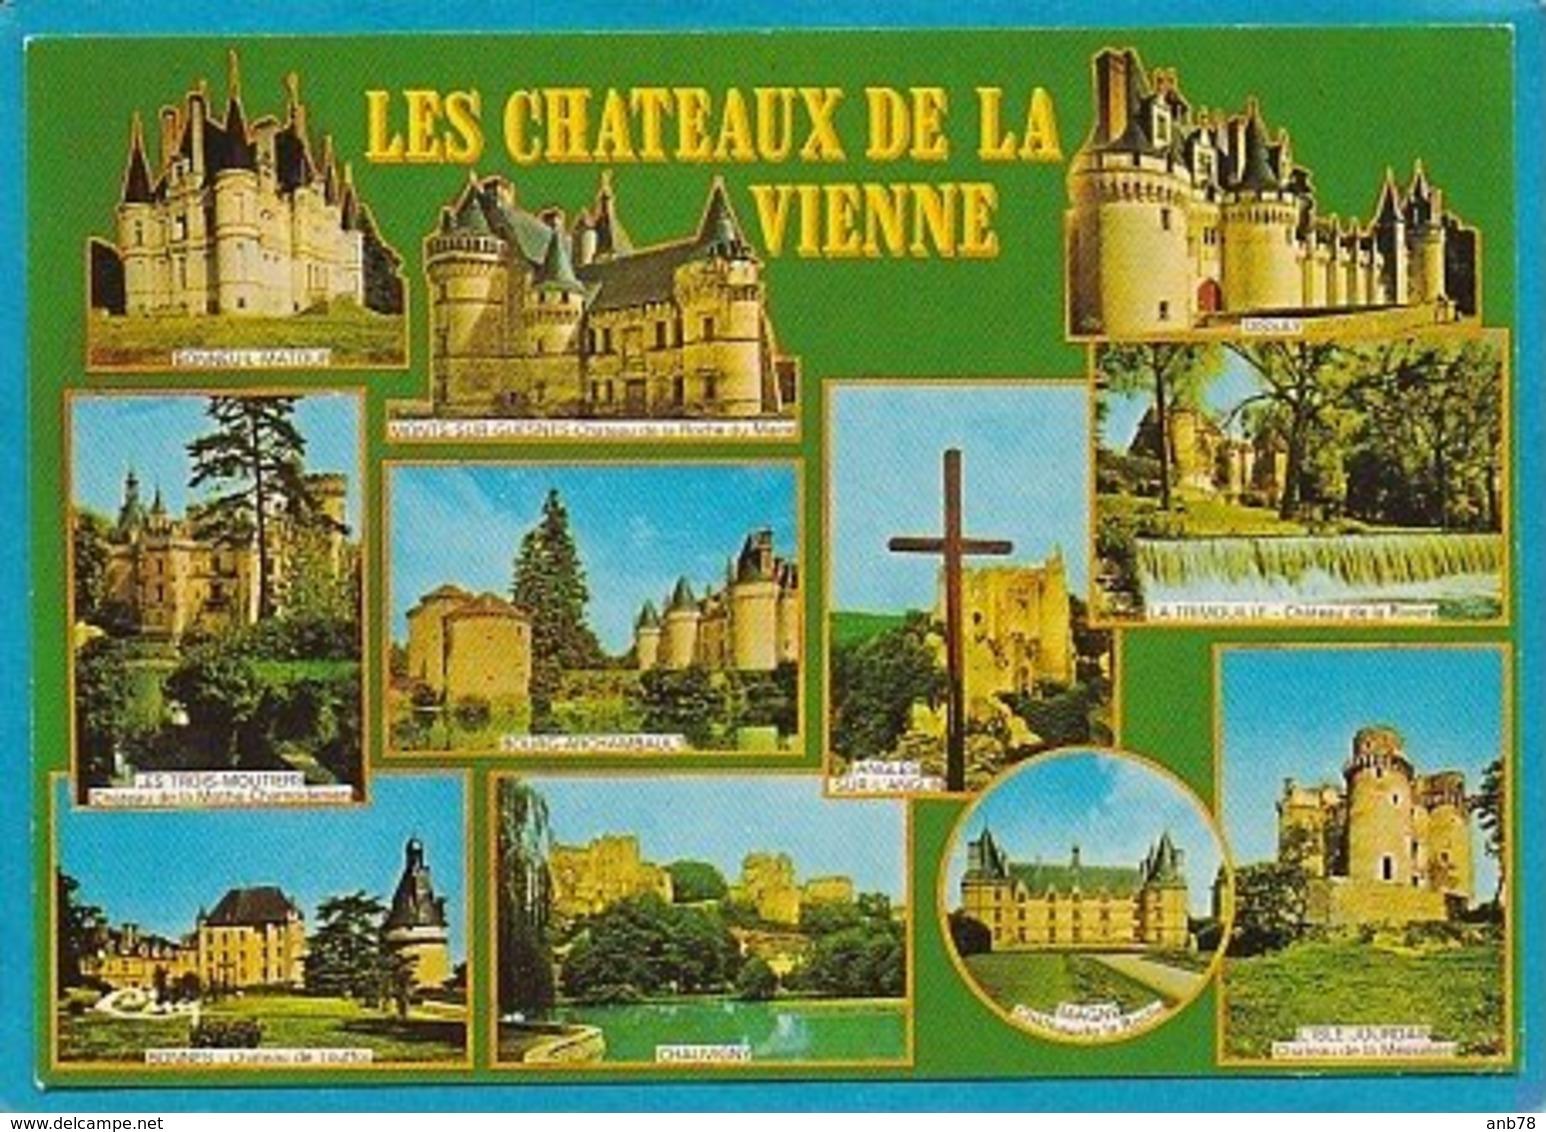 86 Chateaux Vienne Mothe Champdeniers Trois Moutiers, Bonneuil Matour, Isle Jourdain, Bonnes Magne...... - Les Trois Moutiers